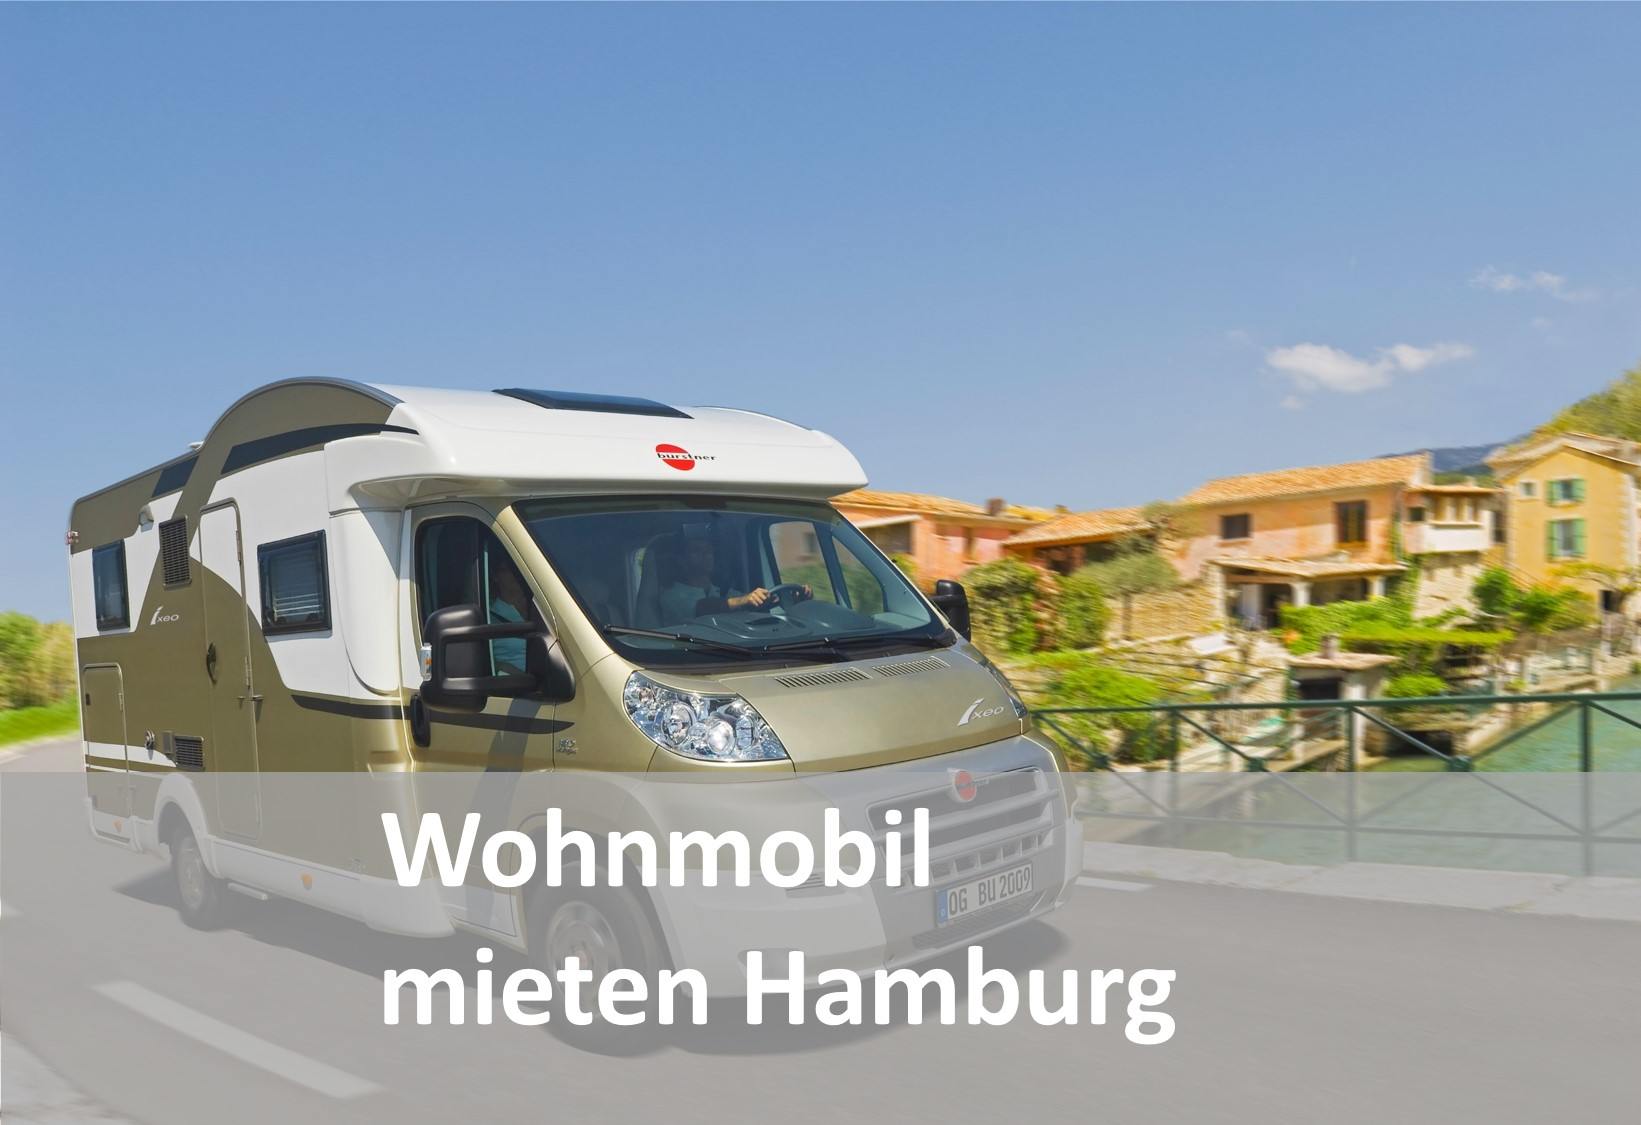 Adventure Tours - Wohnmobilvermietung Hamburg